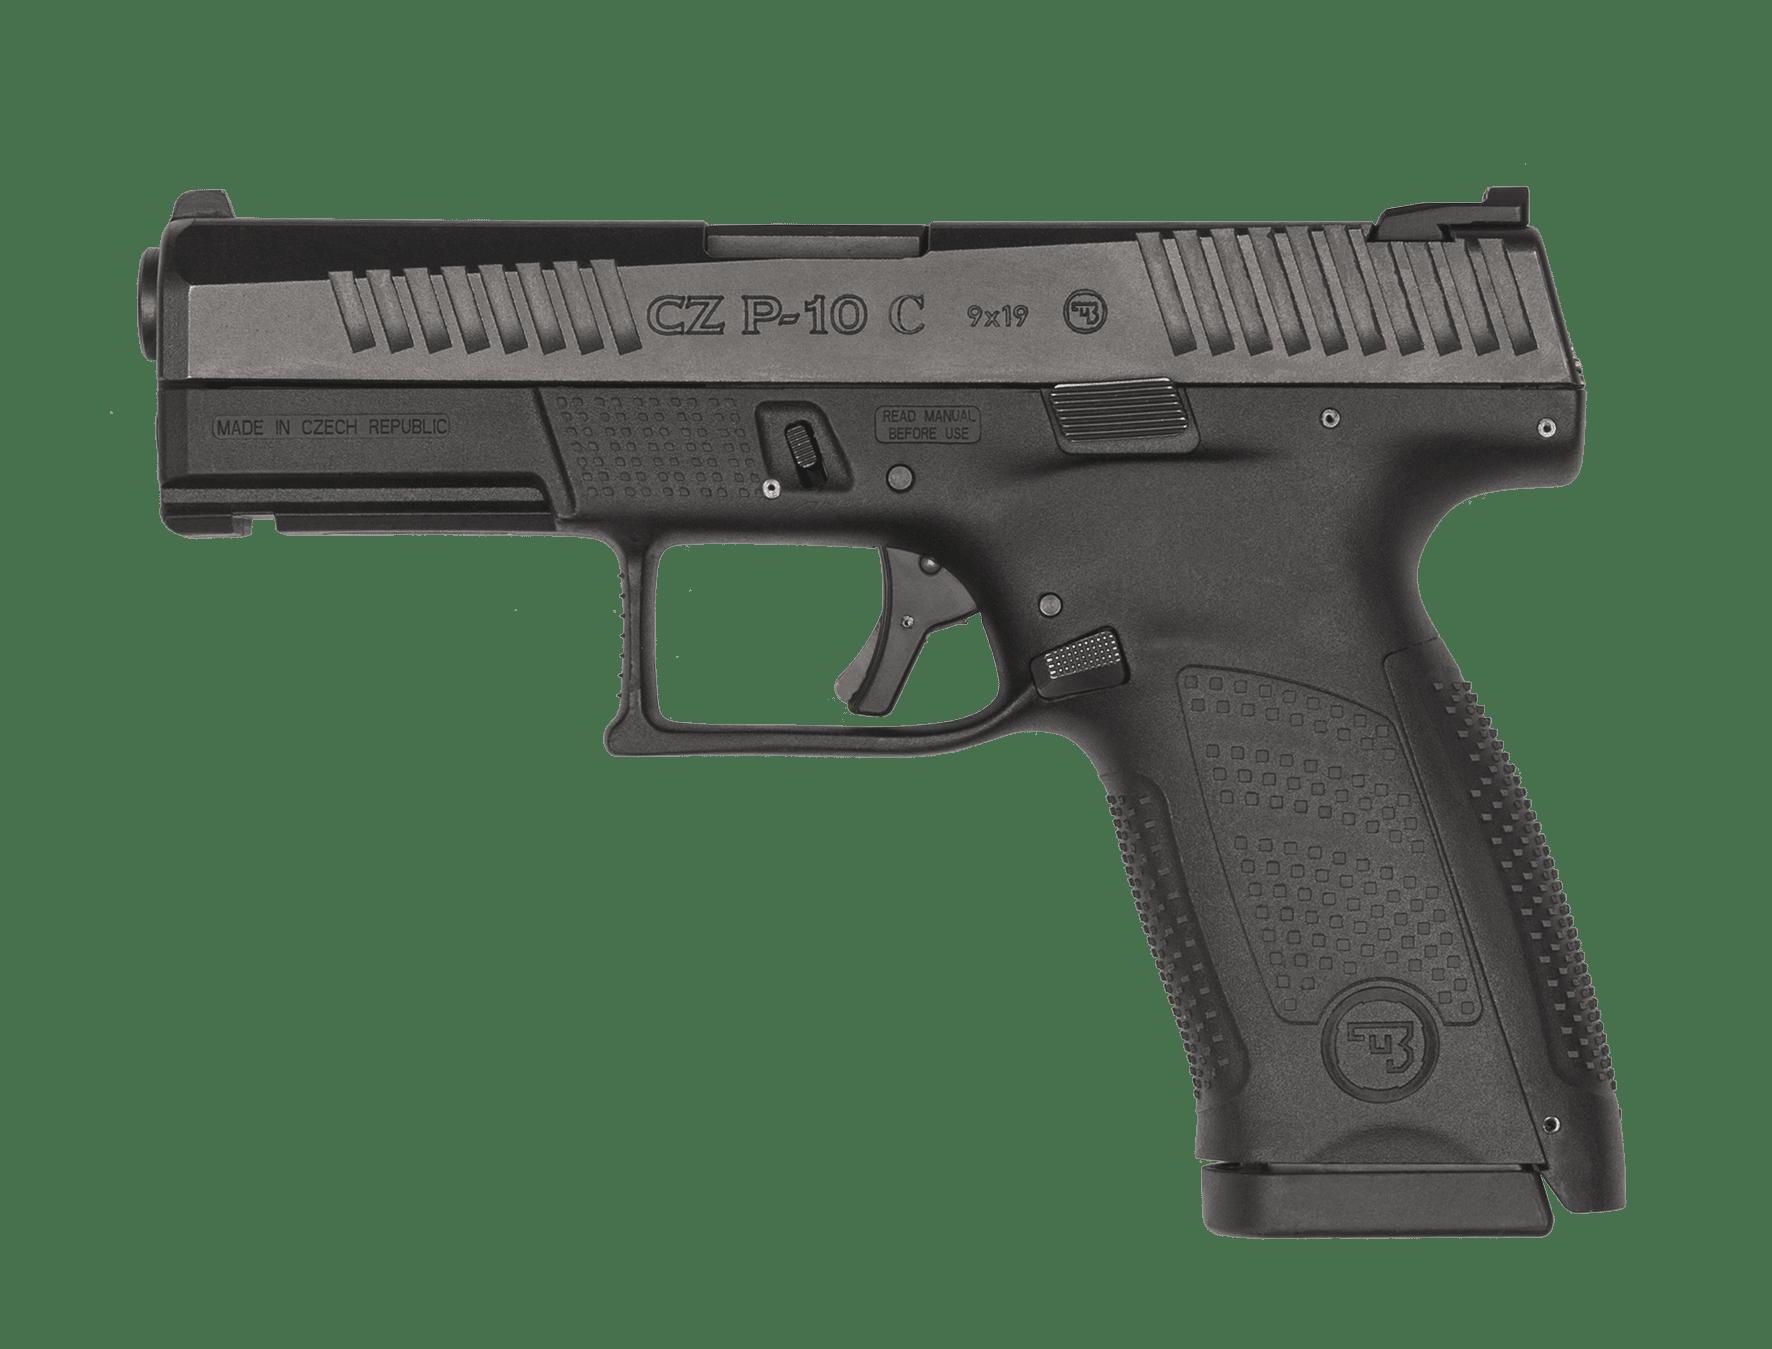 cz-p10c--9mmp